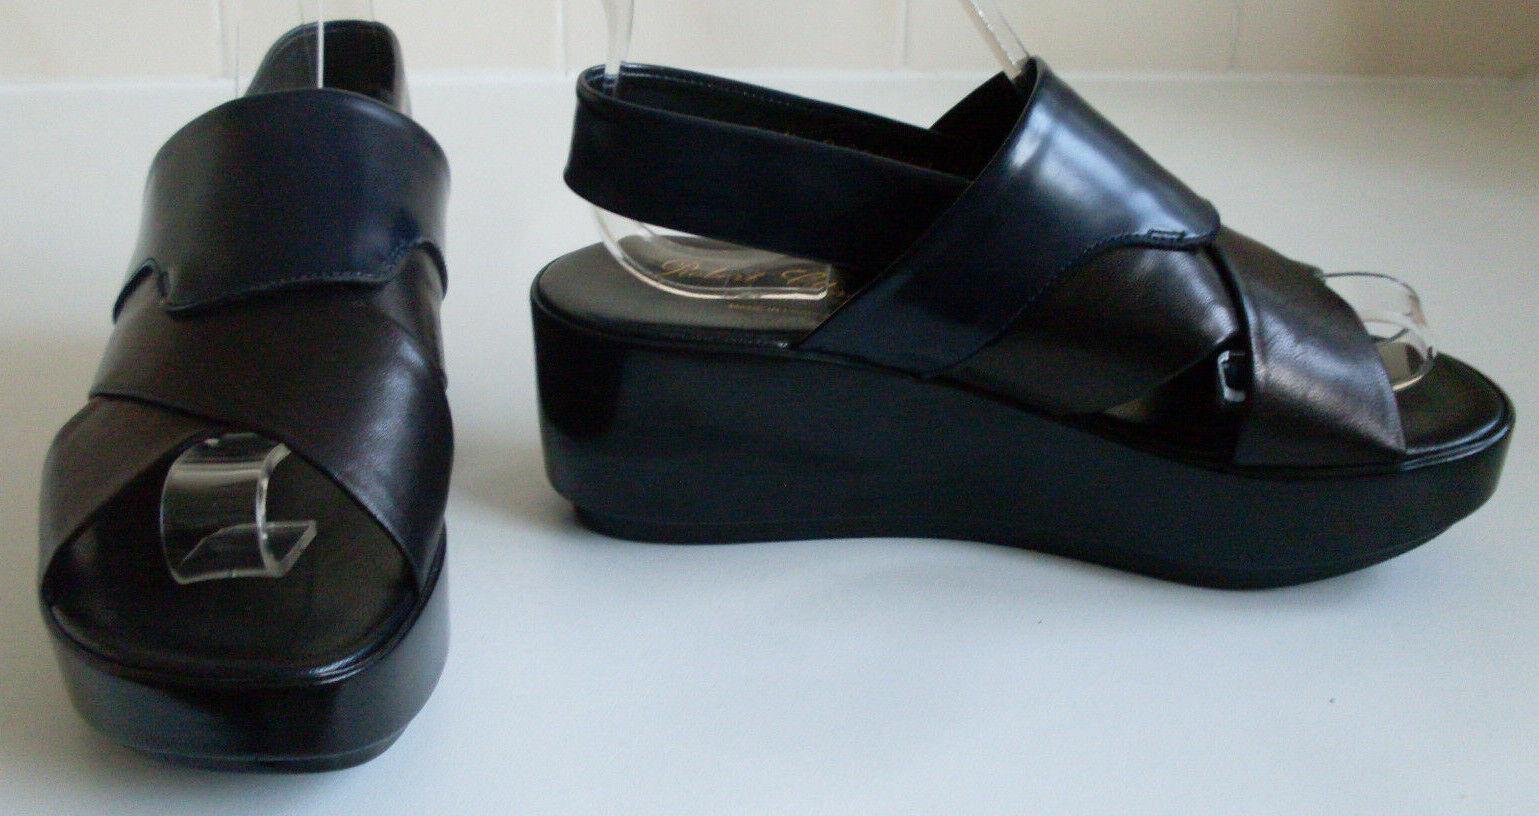 CLERGERIE Designer France Black Platform Wedge Sandals Size EU 36.5 UK 3.5 US 6